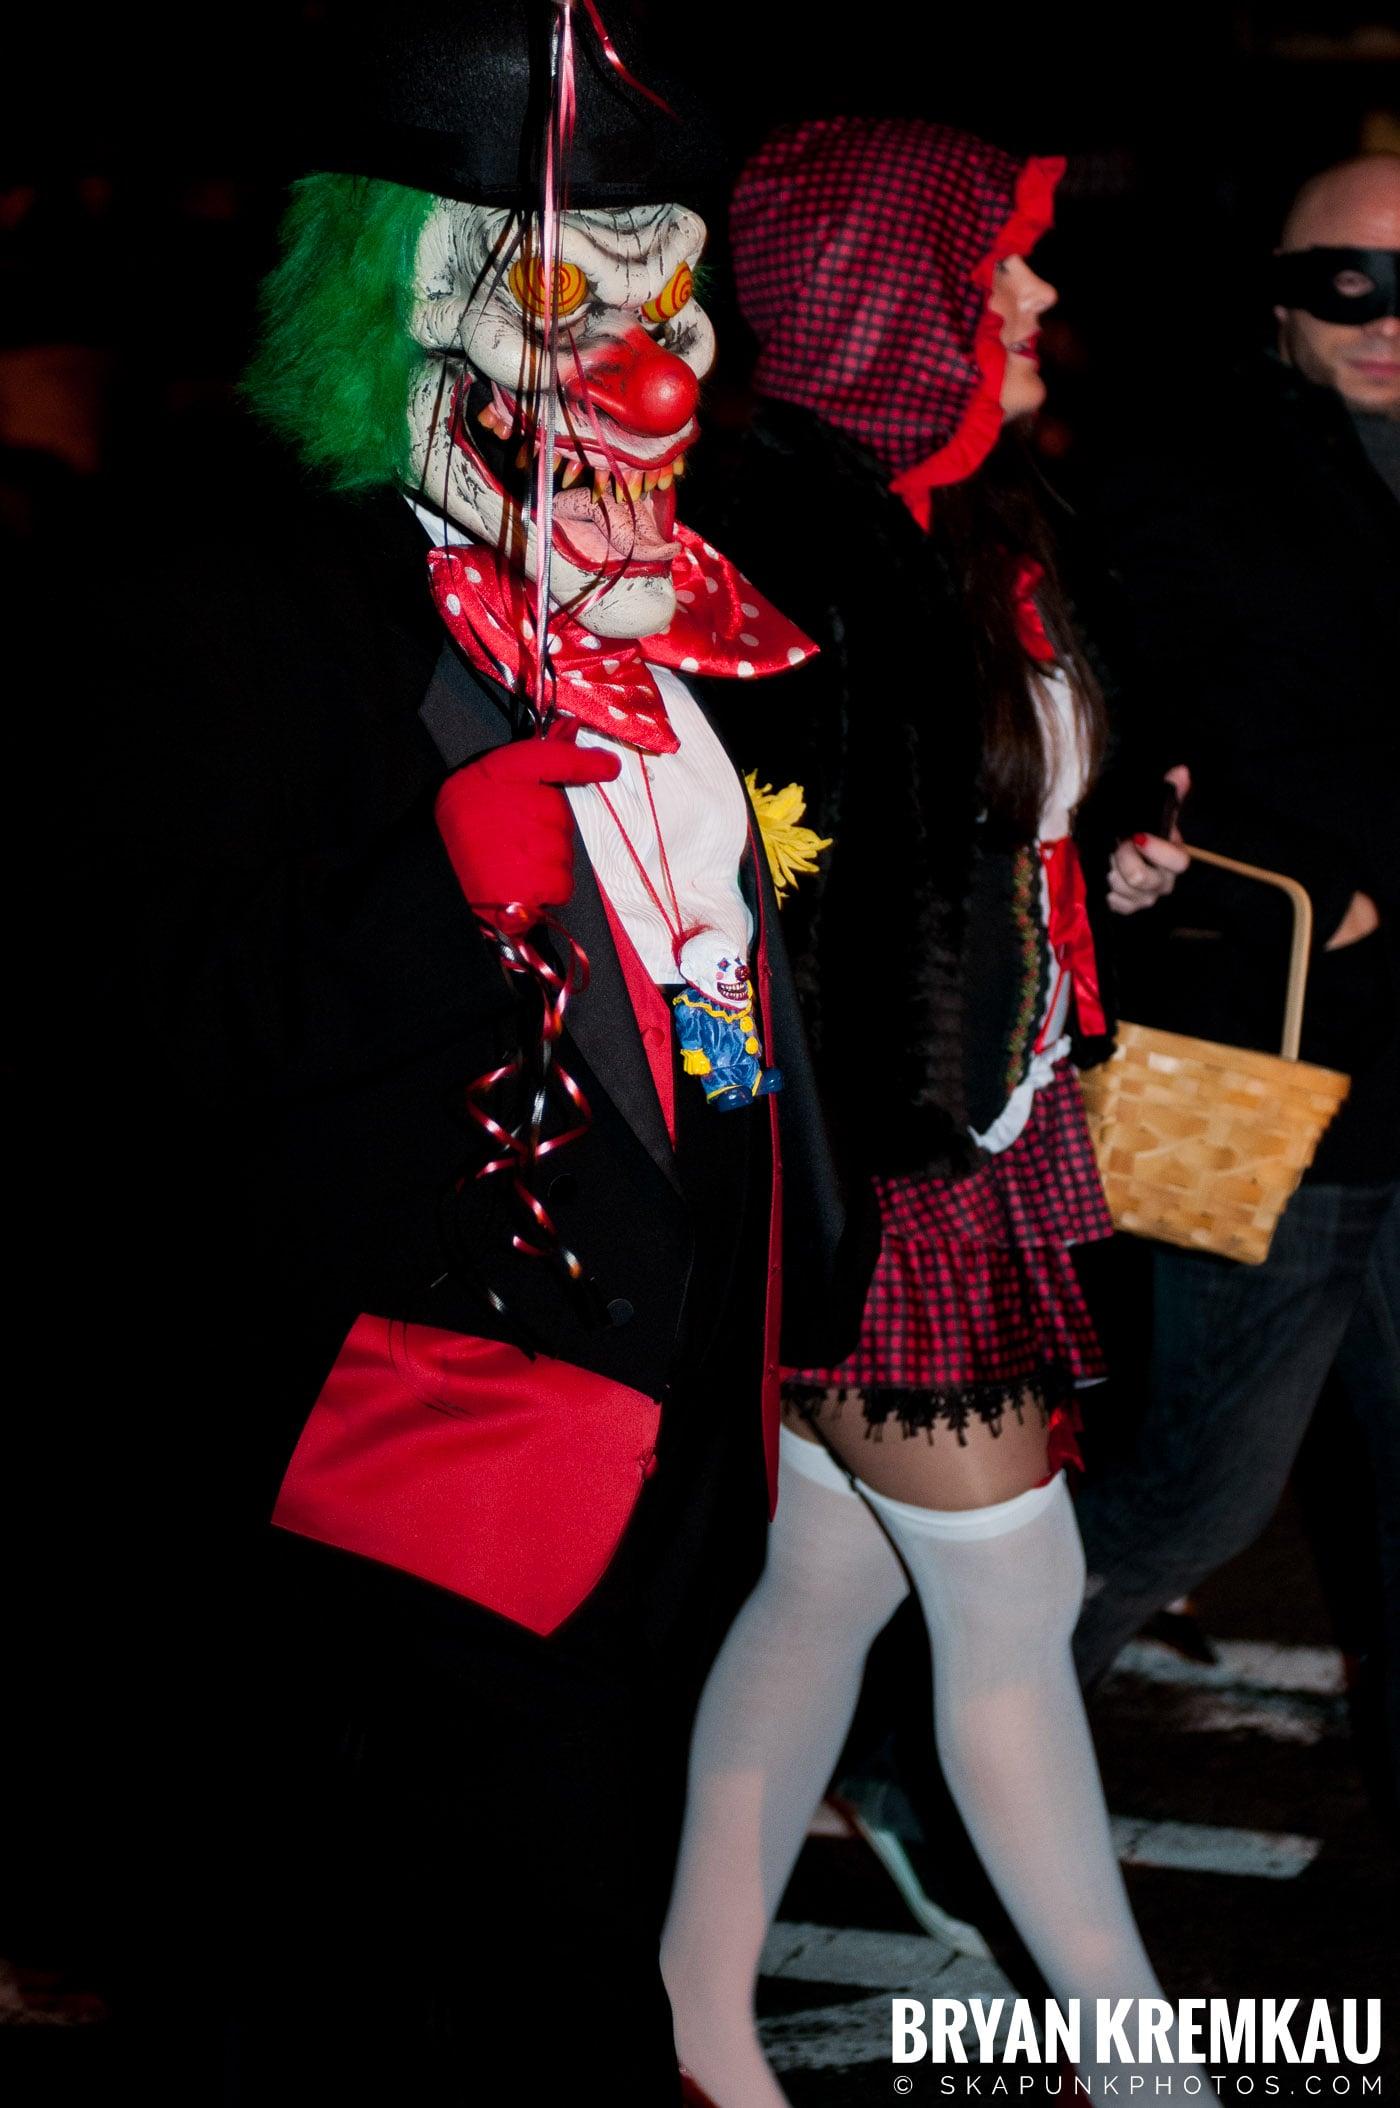 NYC Halloween Parade 2011 @ New York, NY - 10.31.11 (58)